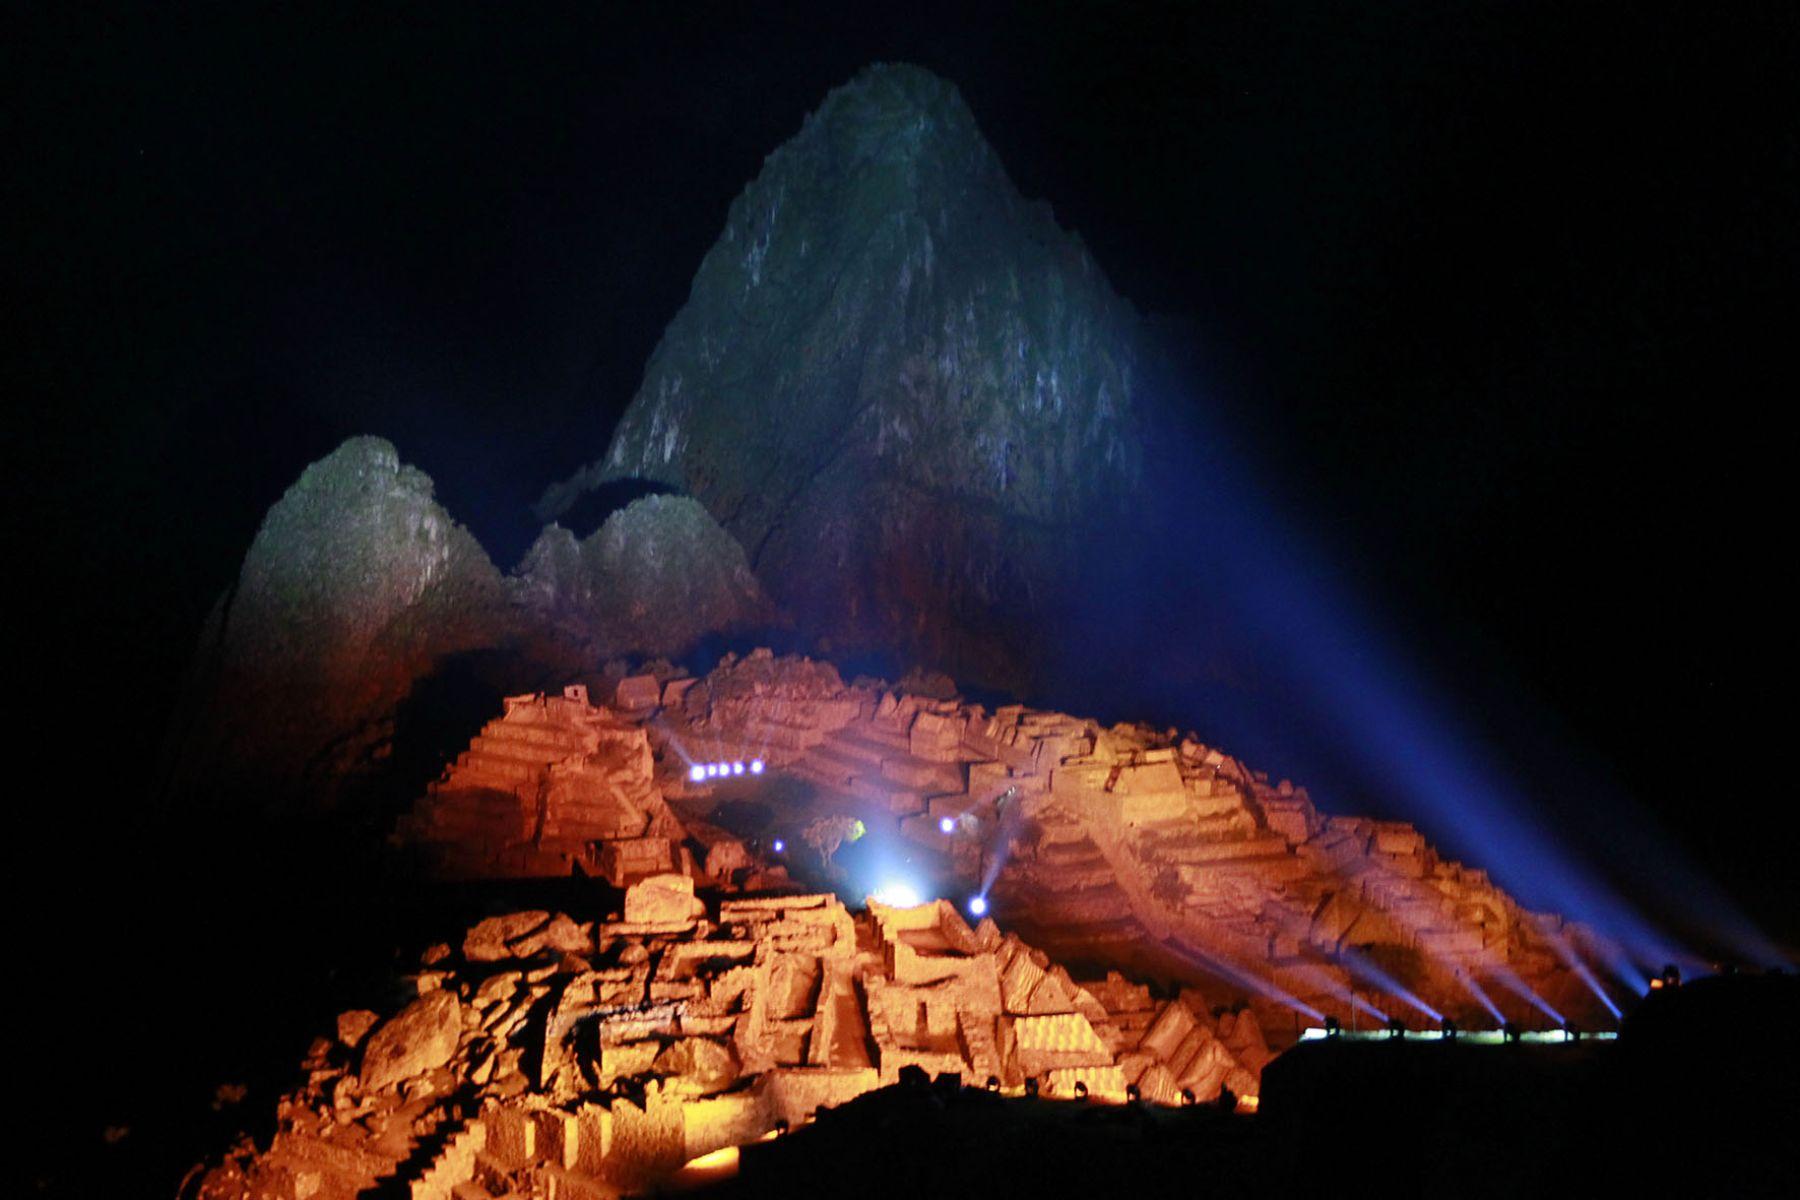 Impresionante iluminación sobre la ciudadela de Machu Picchu durante las celebraciones por los Cien Años de su descubrimiento al mundo.Foto: Sepres.